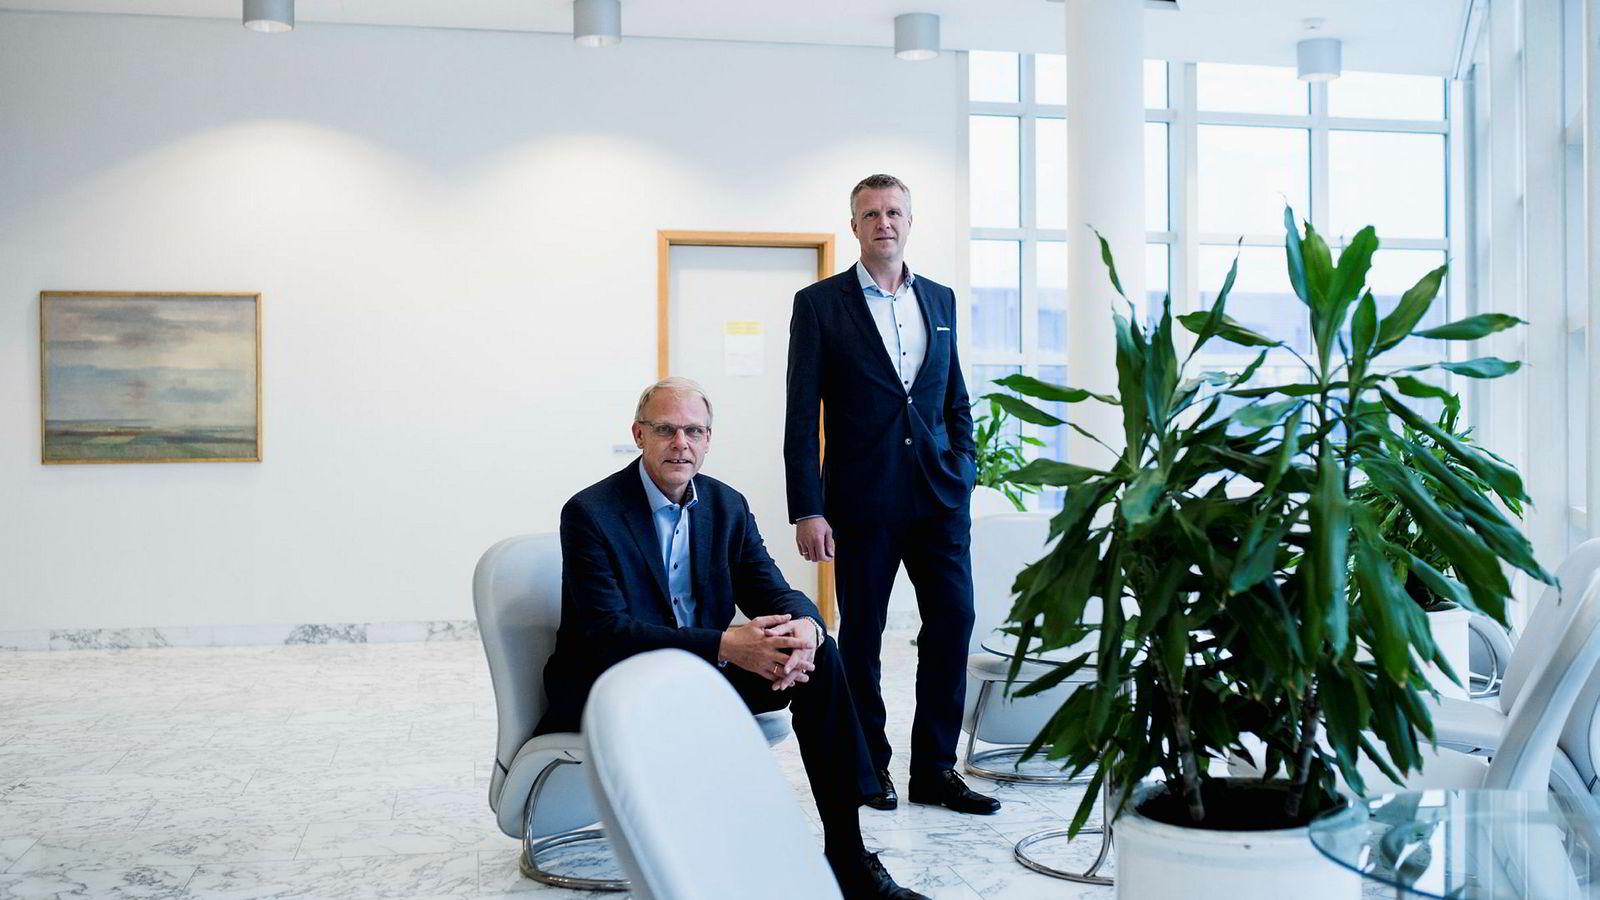 Morten Mauritzen, til venstre, er administrerende direktør i Point Resources fra og med i dag, mens Jan Harald Solstad, til høyre, går tilbake til partnerstillingen sin i HitecVision.